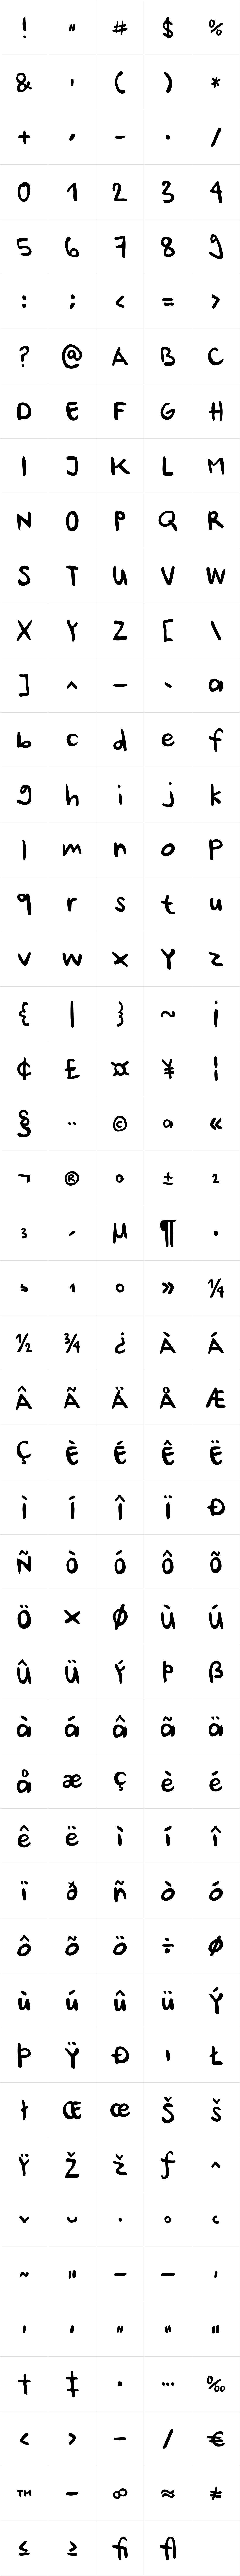 Ursula Handschrift